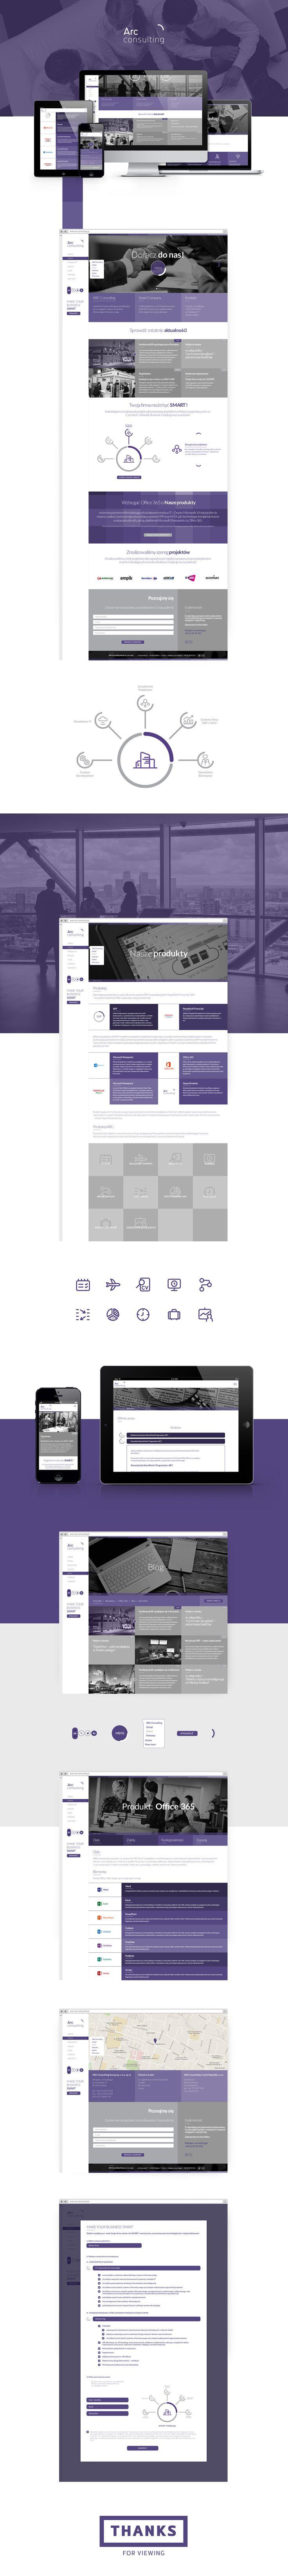 ARC consulting #design #UI #website #web #webdesign #pleo